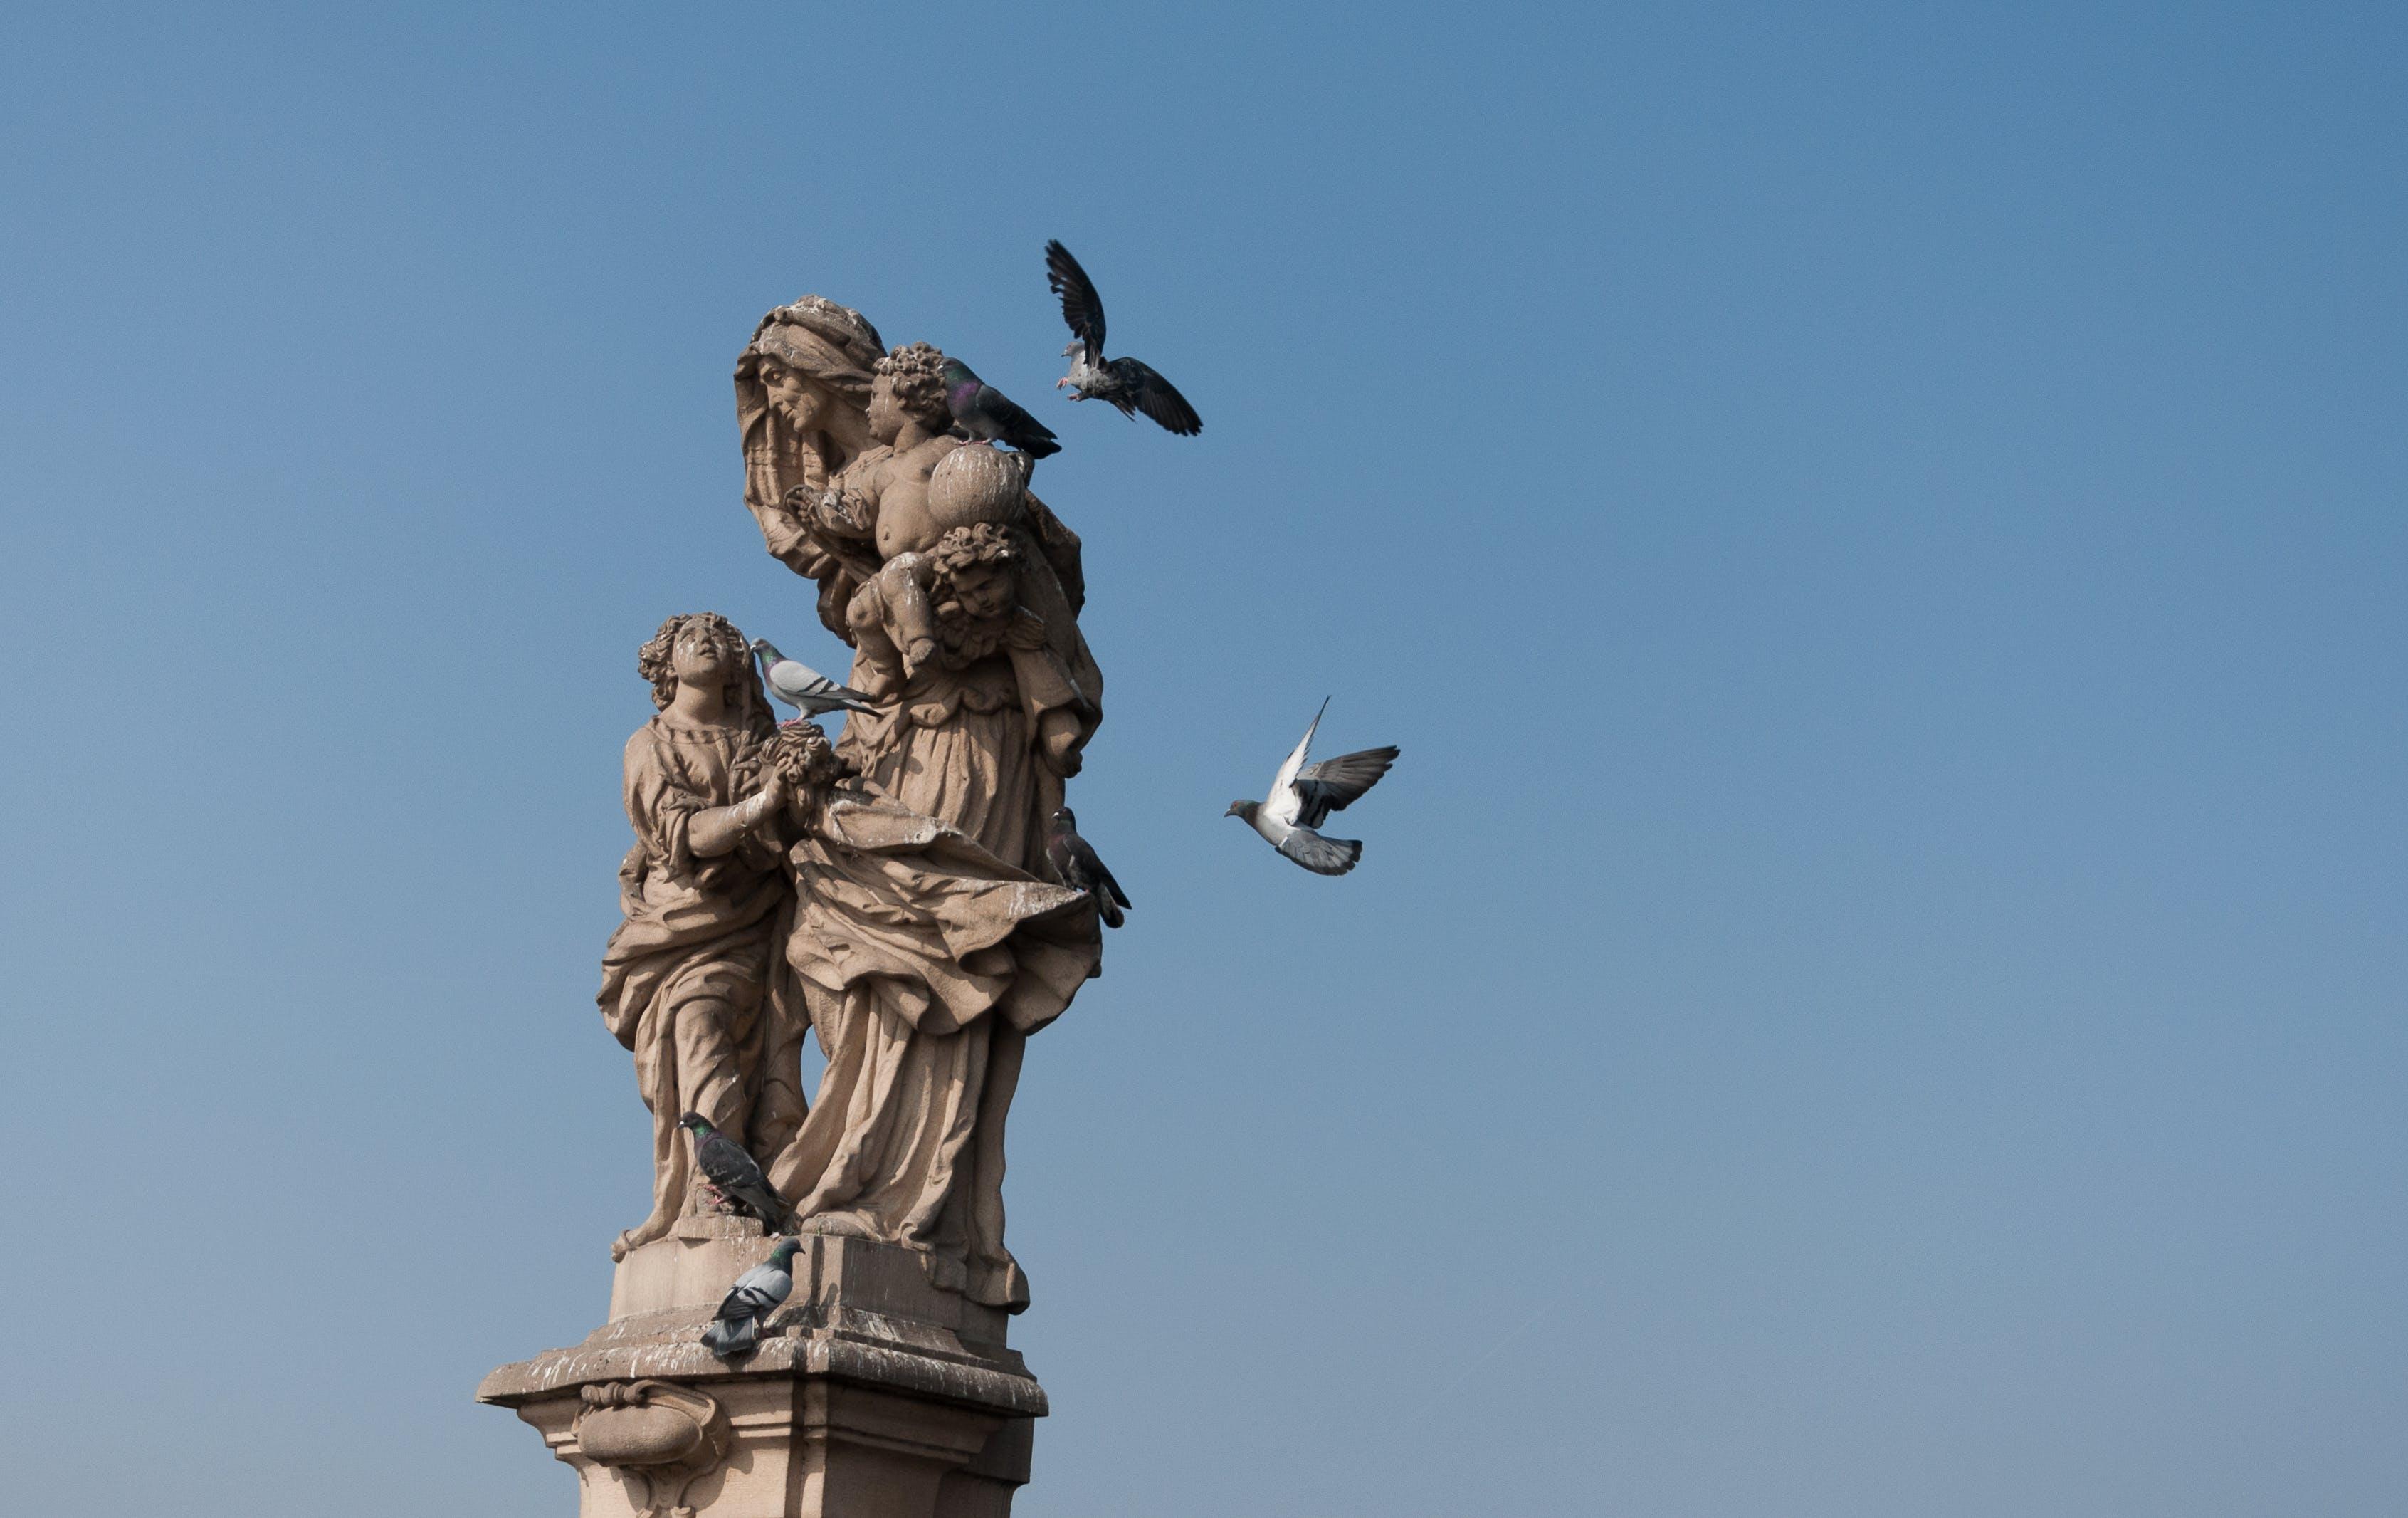 kunst, monument, monumentale skulptur